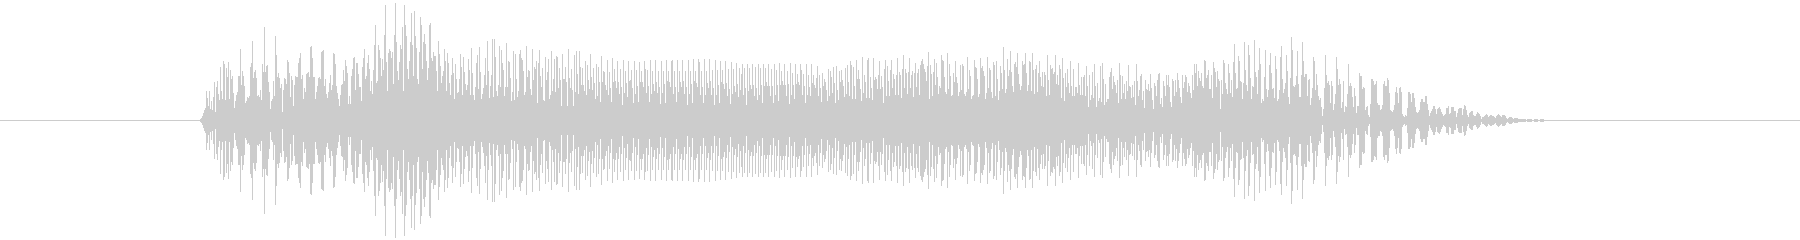 エレキギターのギューーンの音の未再生の波形